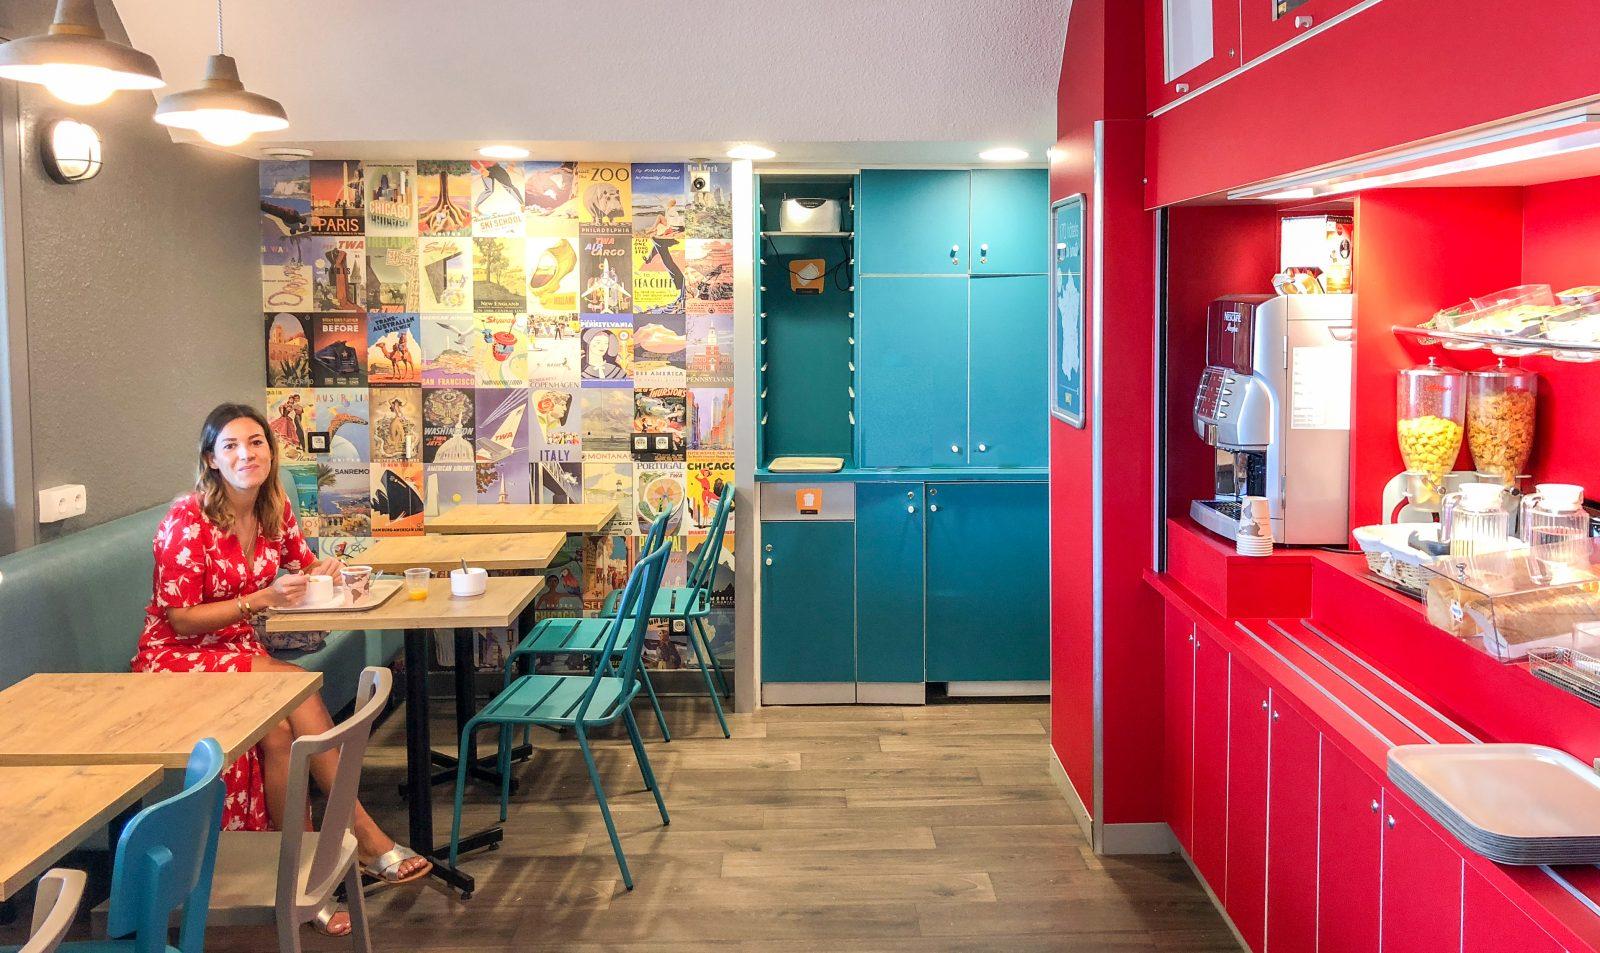 HotelF1 centre ville Bordeaux - FMR Travelblog